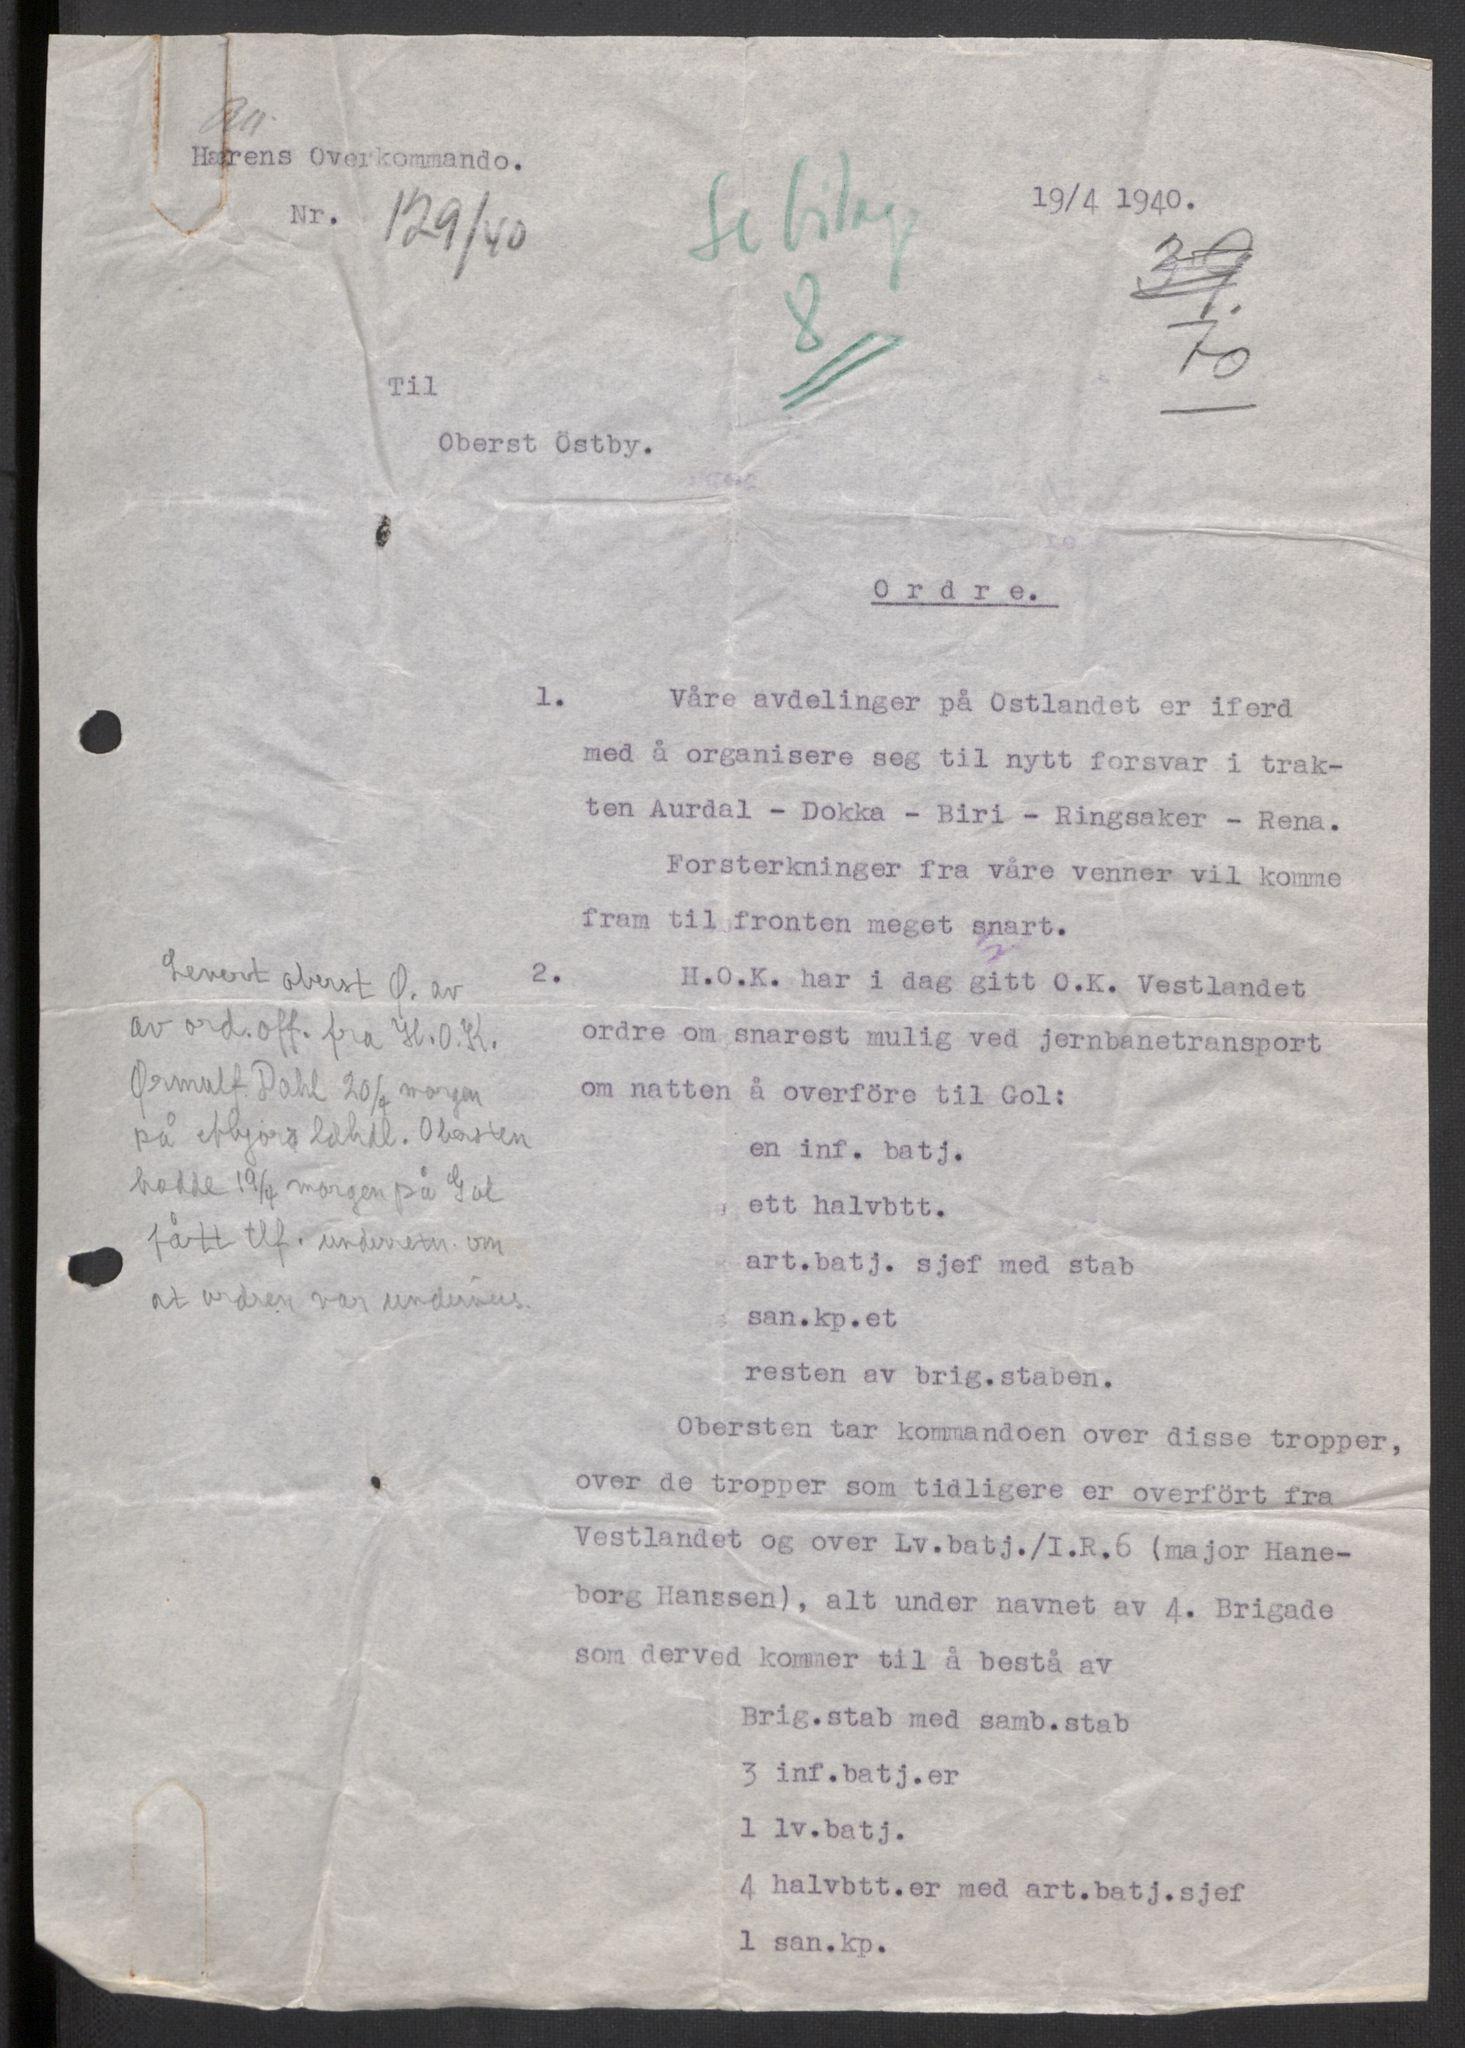 RA, Forsvaret, Forsvarets krigshistoriske avdeling, Y/Yb/L0104: II-C-11-430  -  4. Divisjon., 1940, s. 185